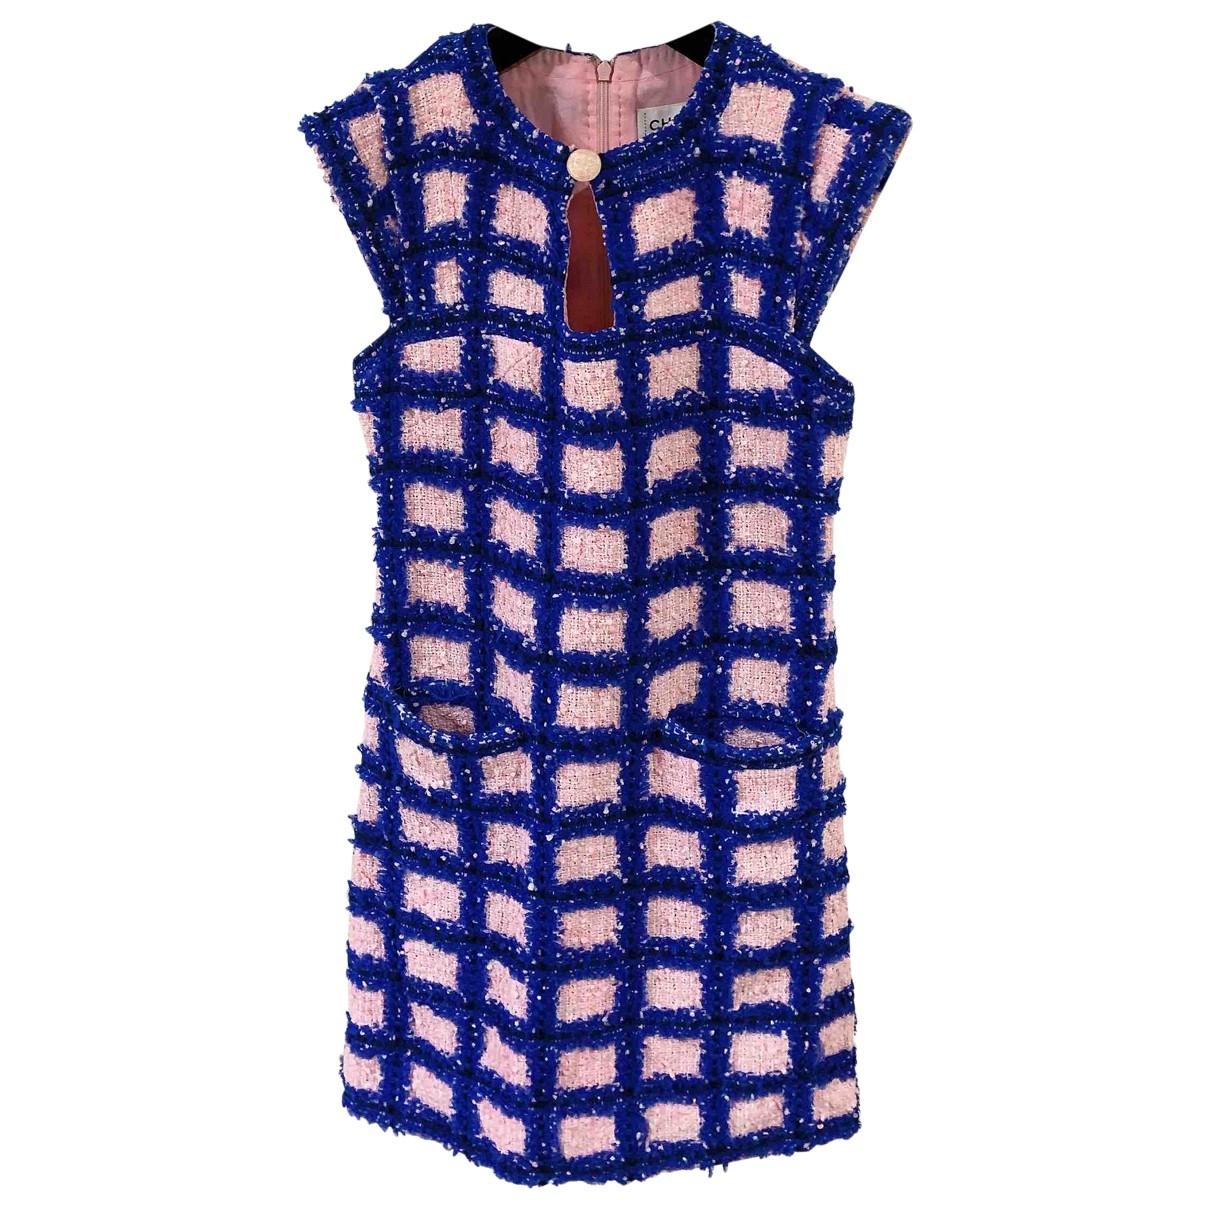 Chanel \N Kleid in  Bunt Tweed